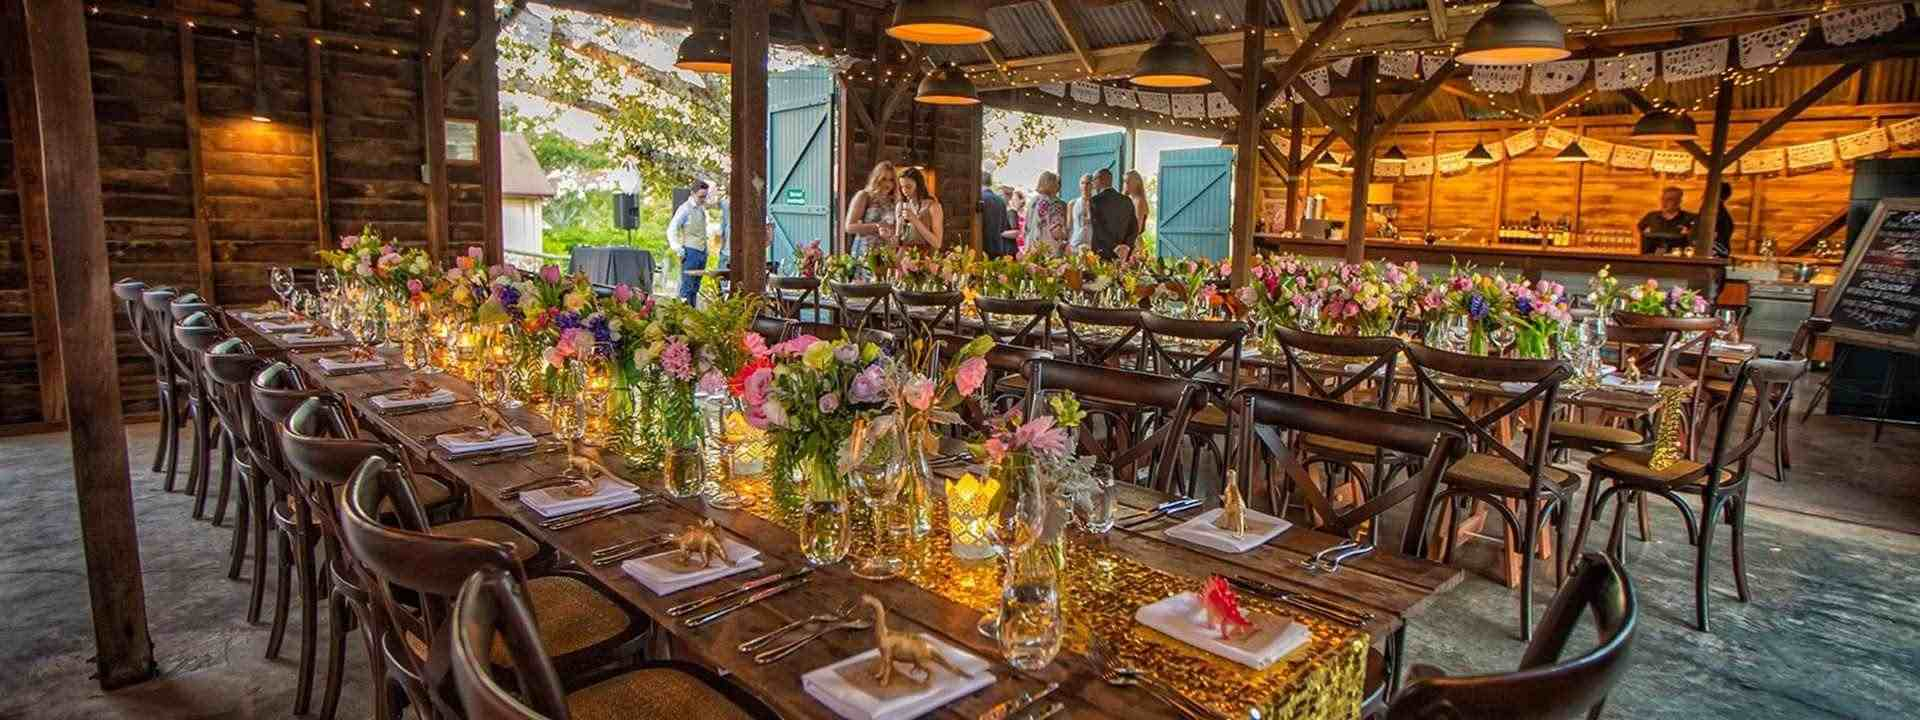 Wedding Venue - Spicers Hidden Vale - The Barn 1 on Veilability